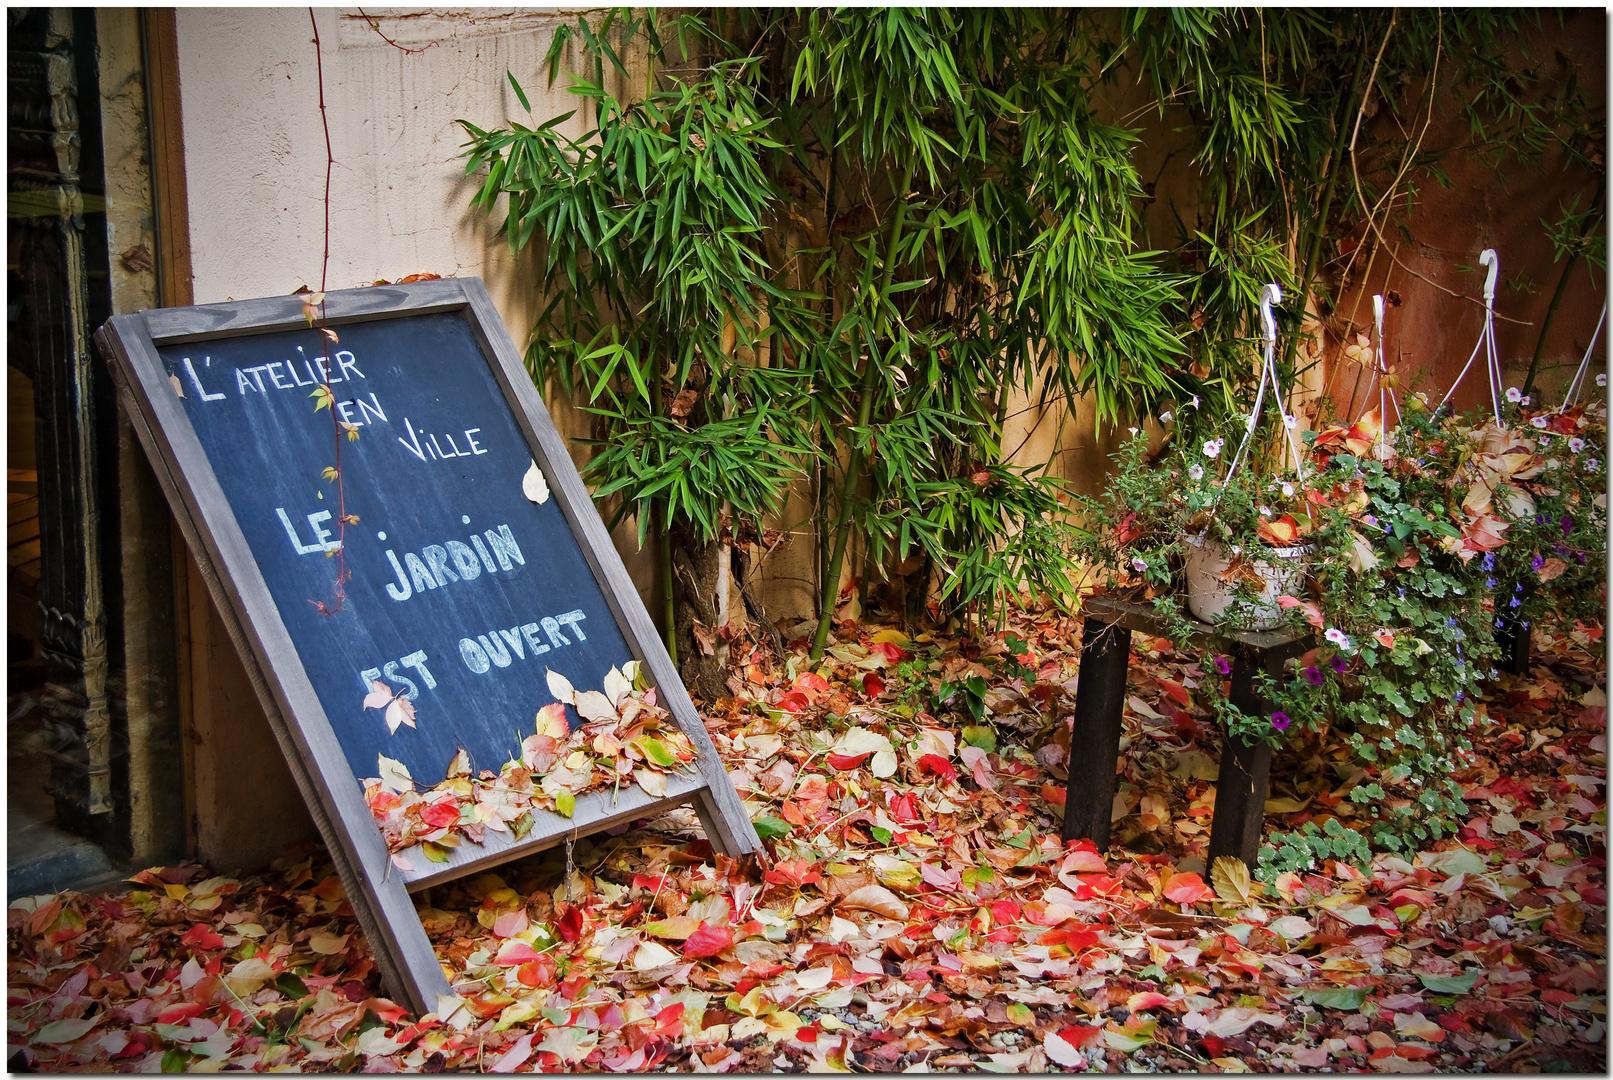 Automne à Bruxelles IV Le jardin est ouvert